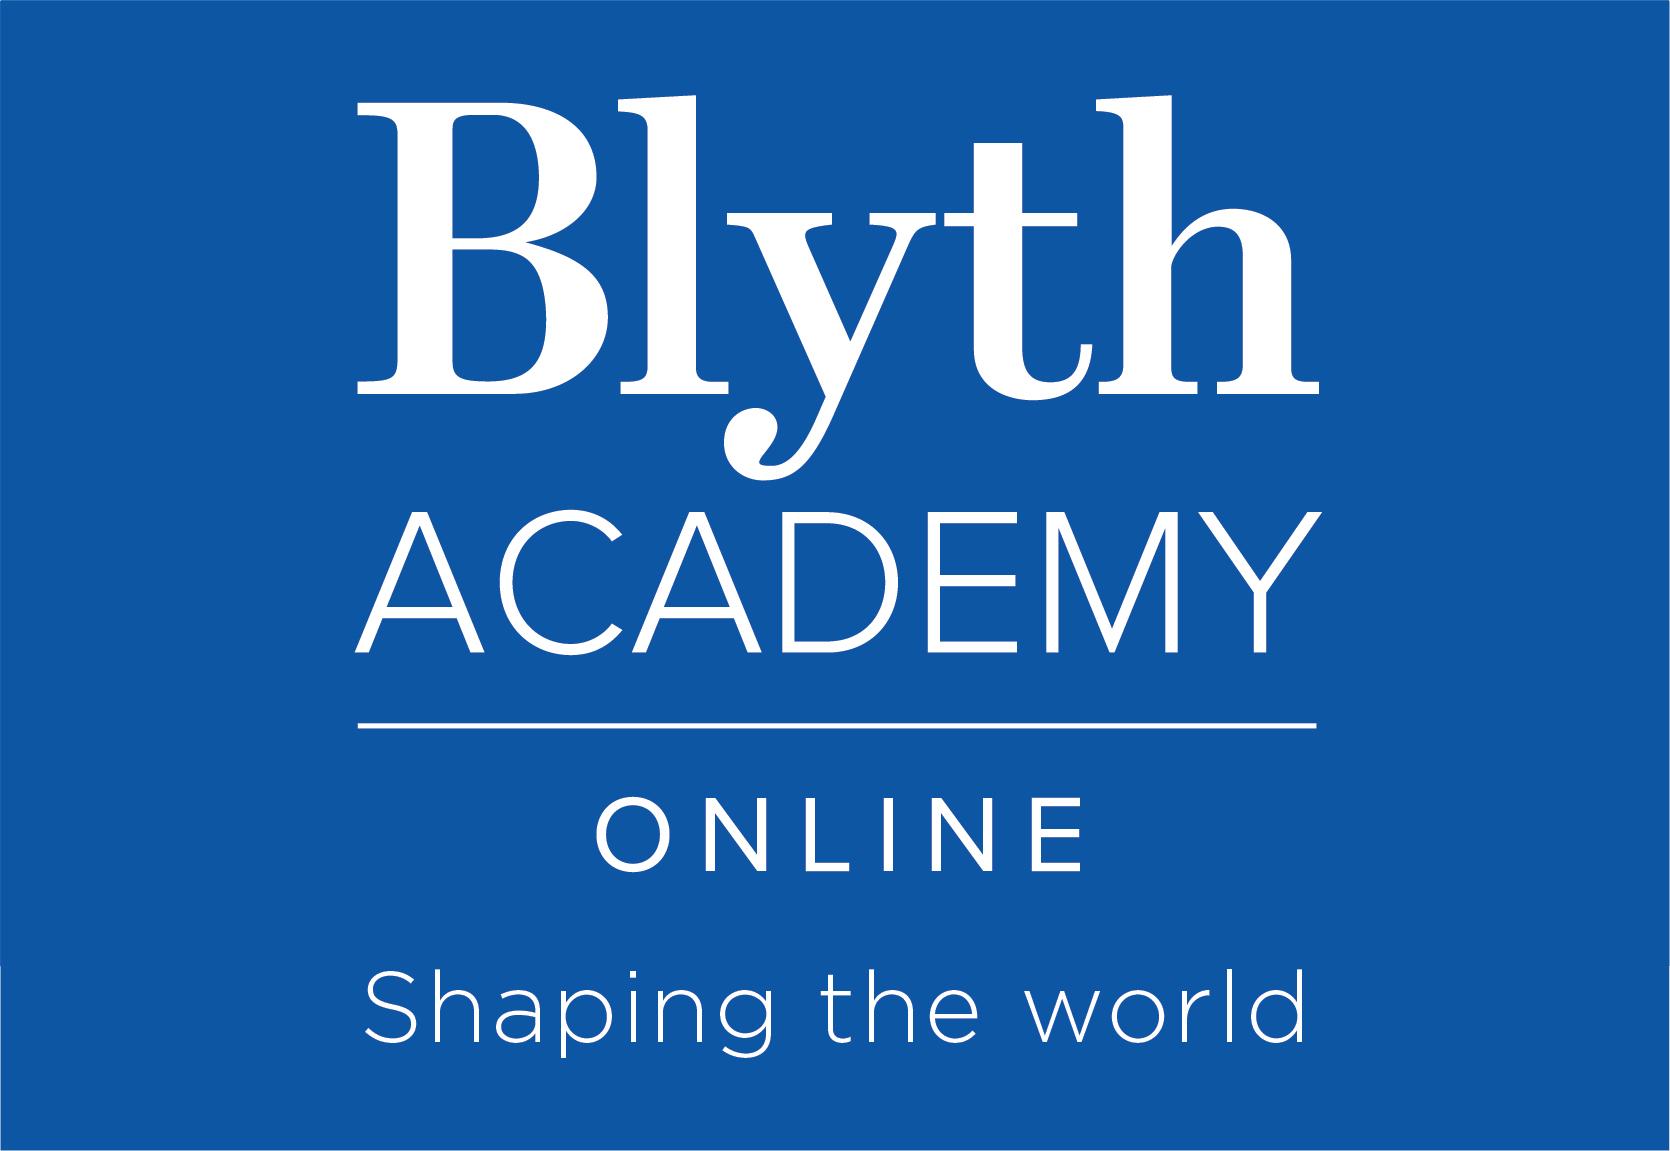 Read Blyth Academy Online Reviews